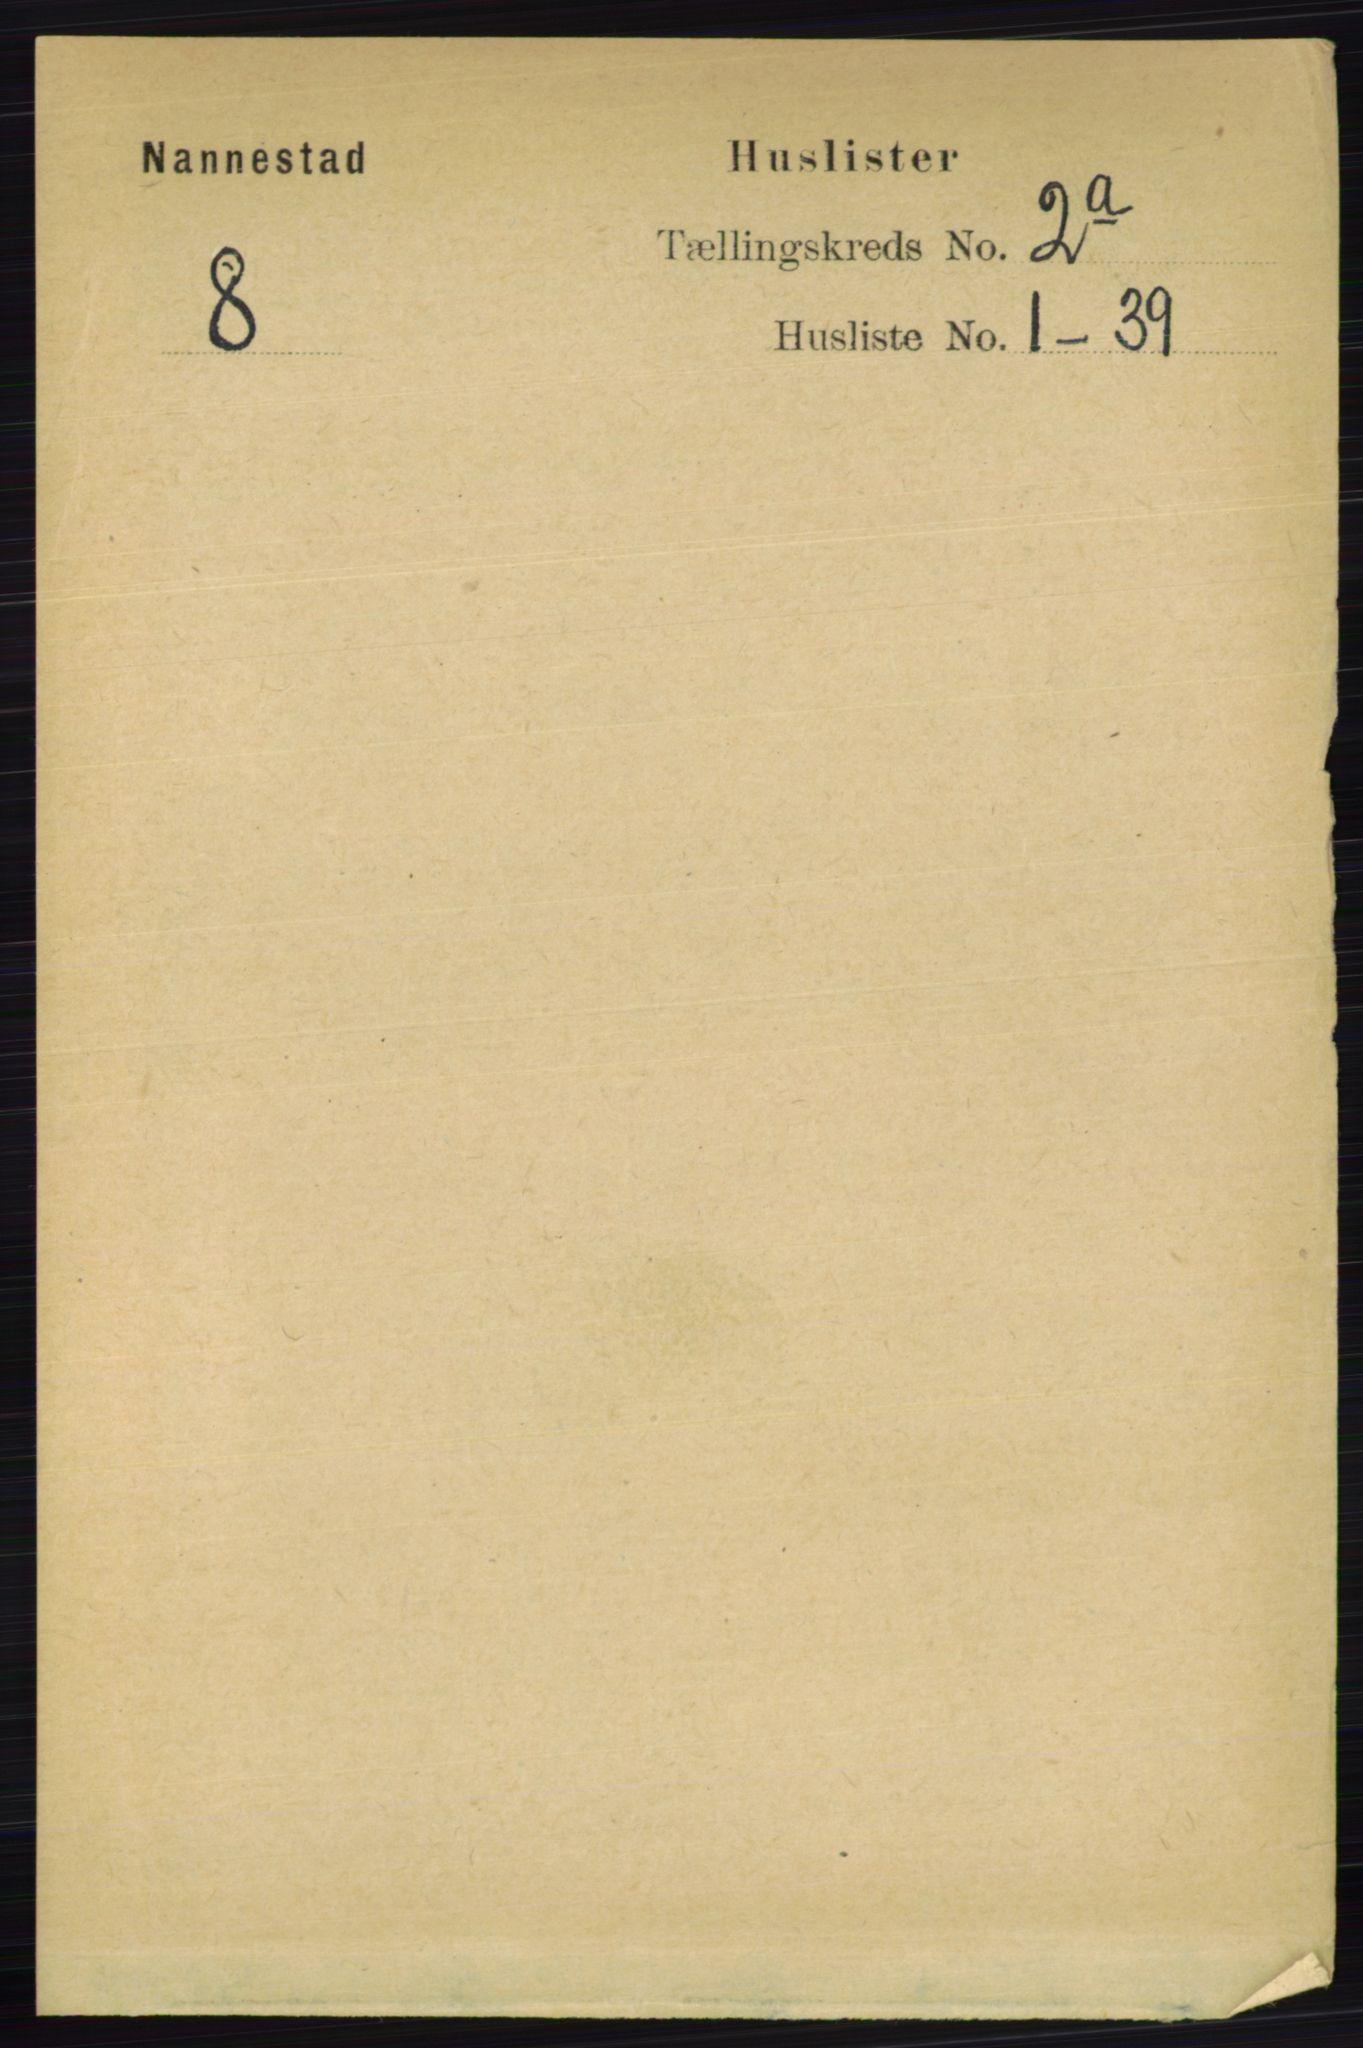 RA, Folketelling 1891 for 0238 Nannestad herred, 1891, s. 819